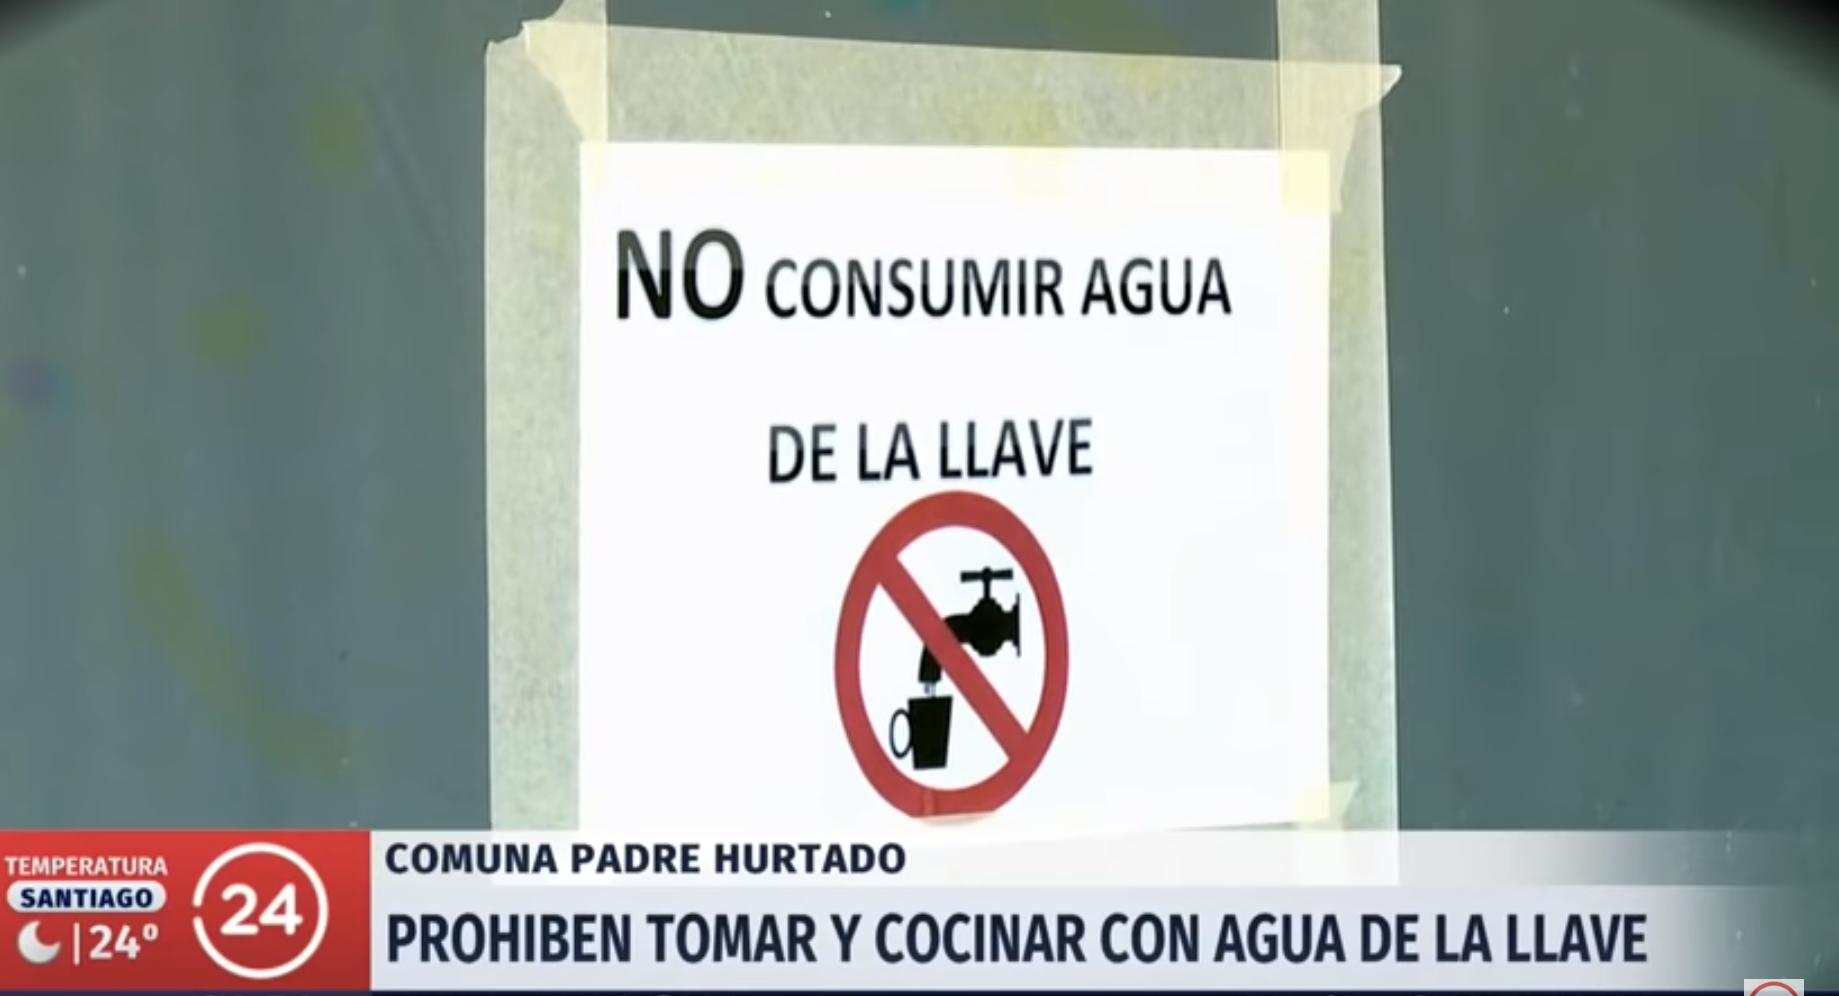 RM: Comunidades rurales denuncian contaminación del agua potable